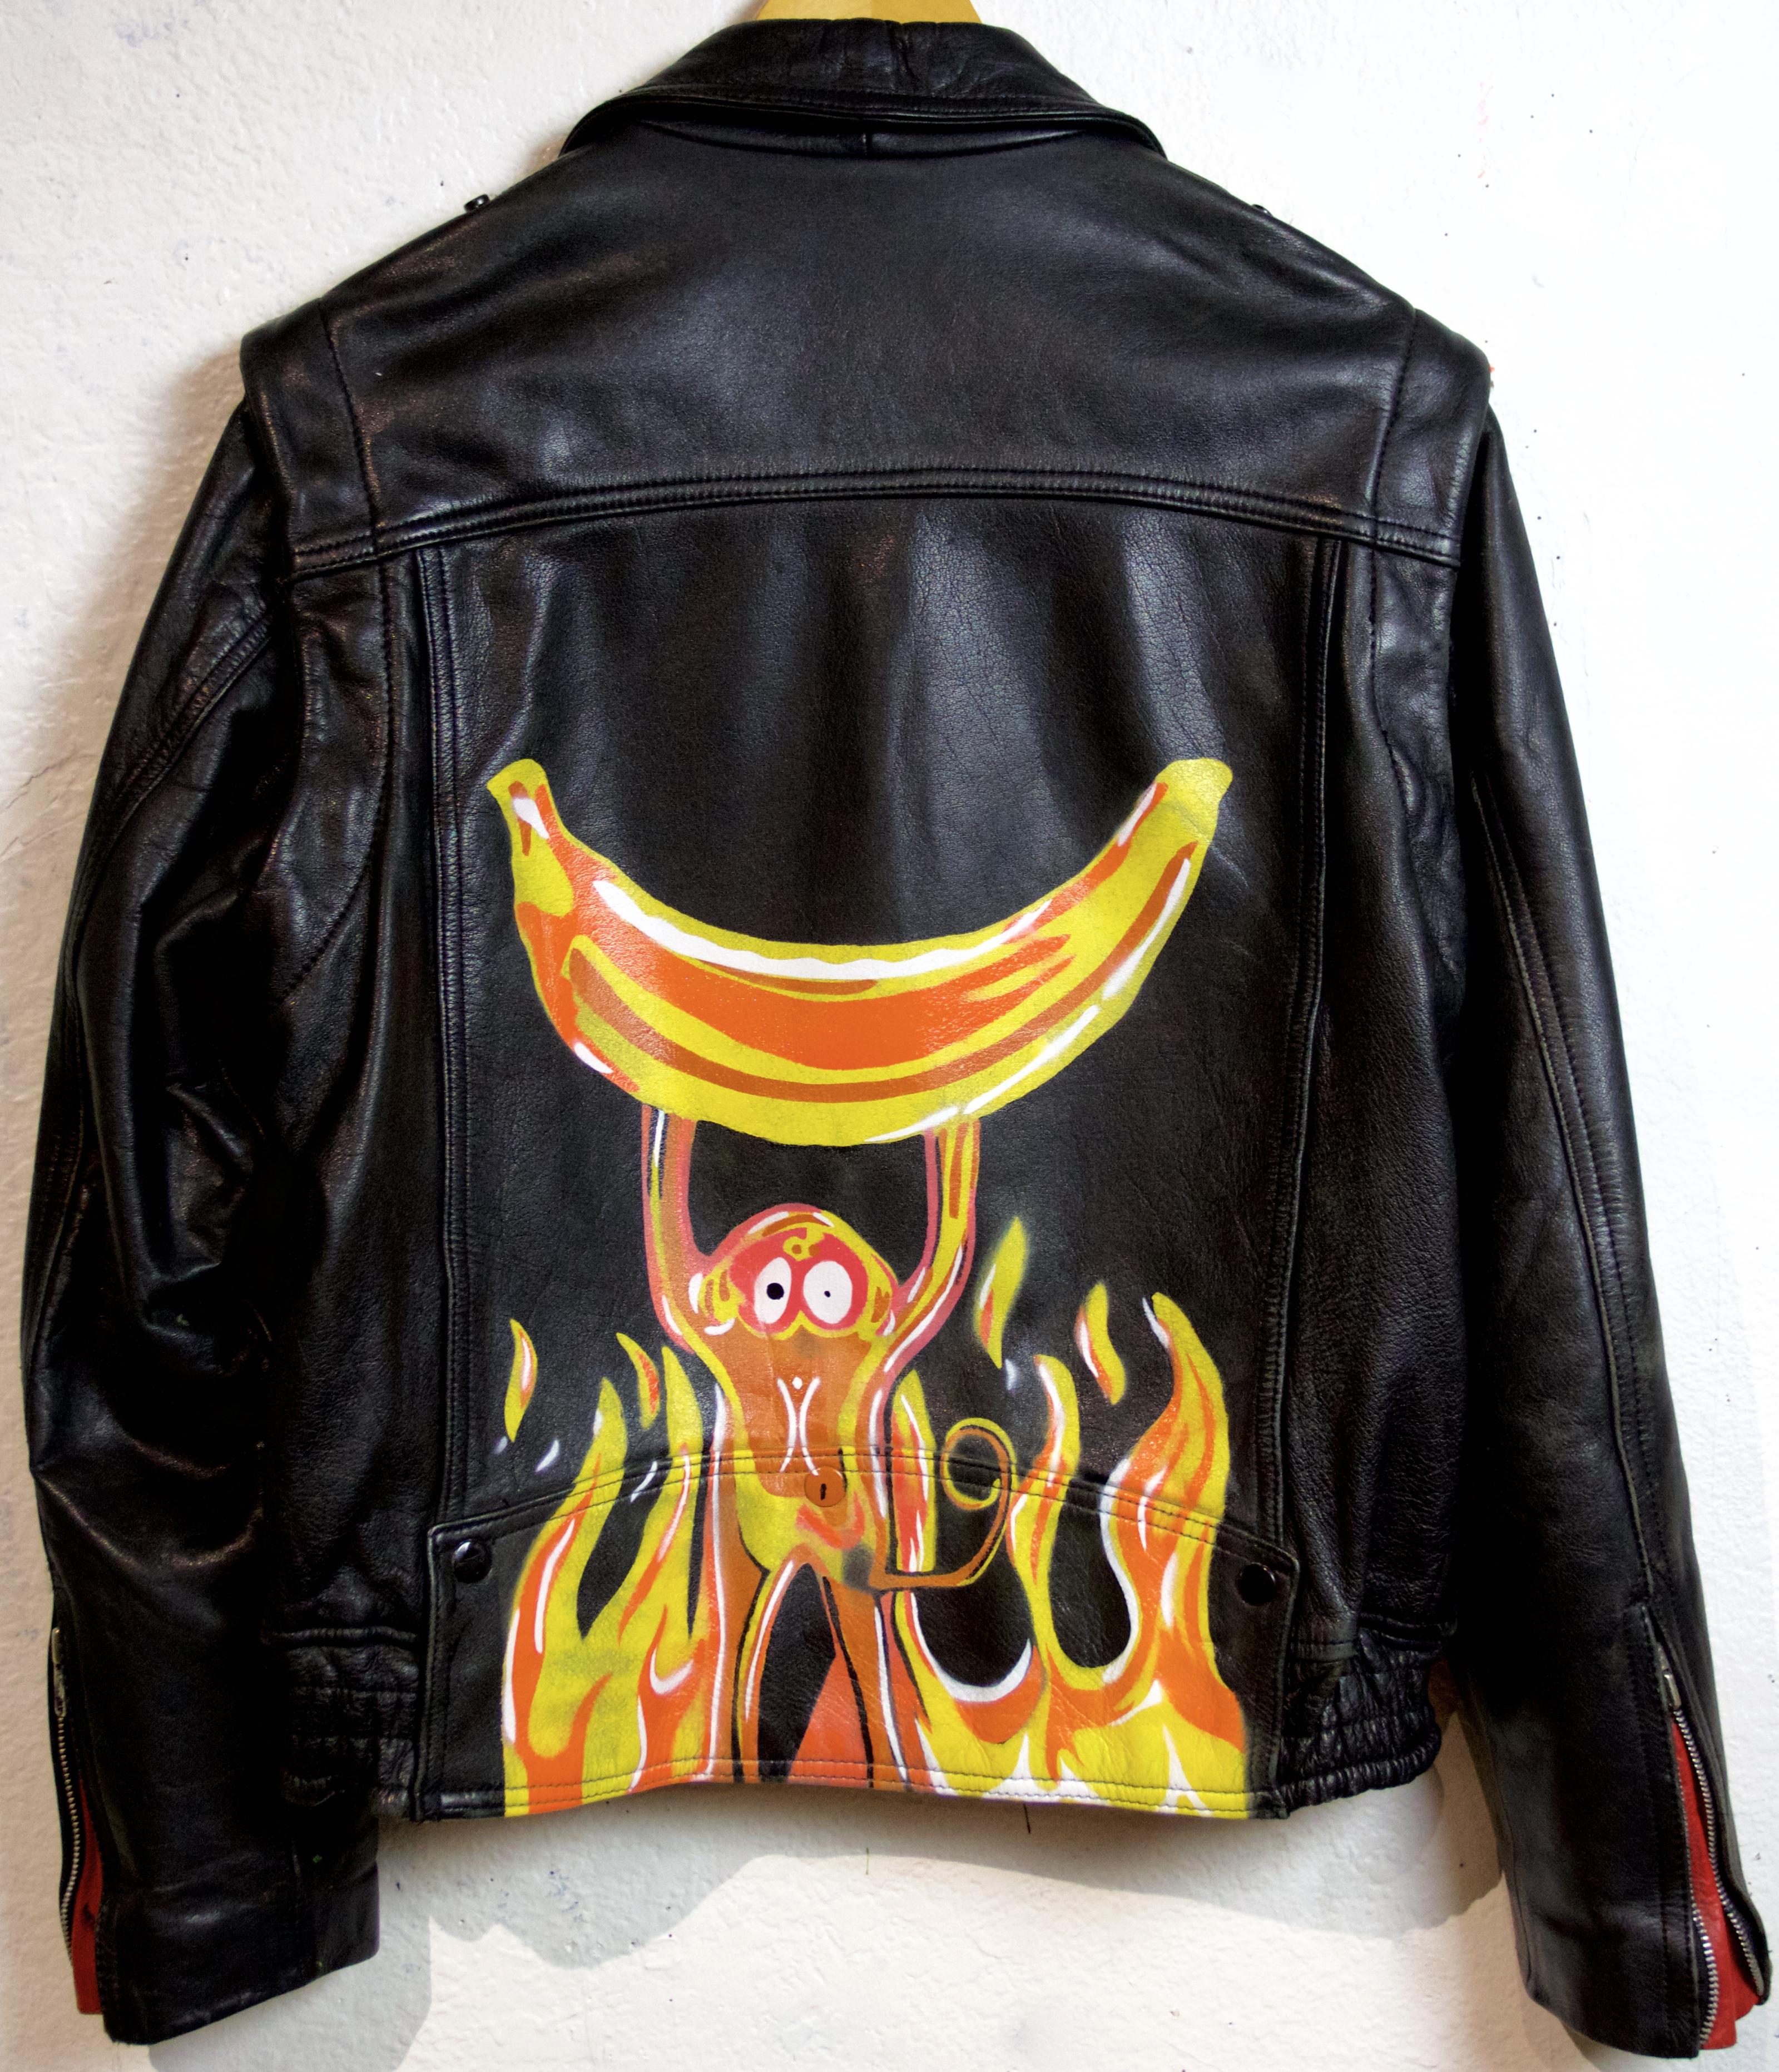 Burning monkey jacket